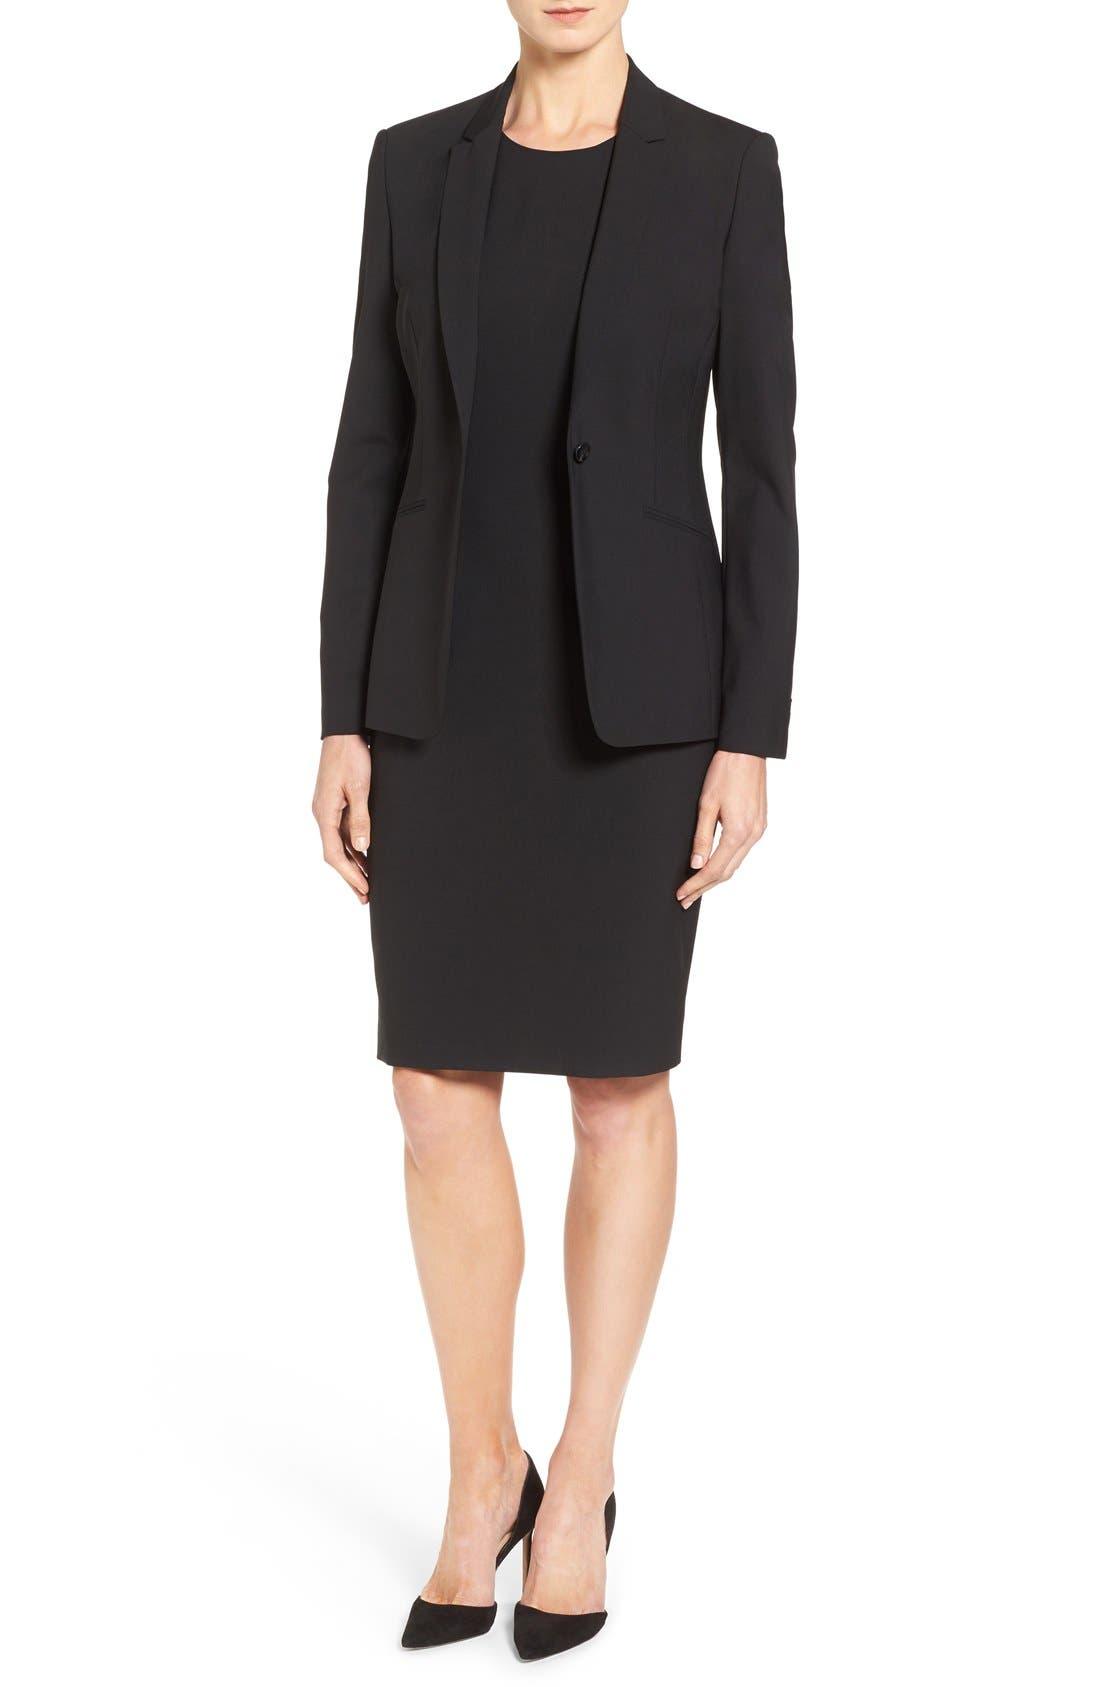 BOSS Suit Jacket & Sheath Dress